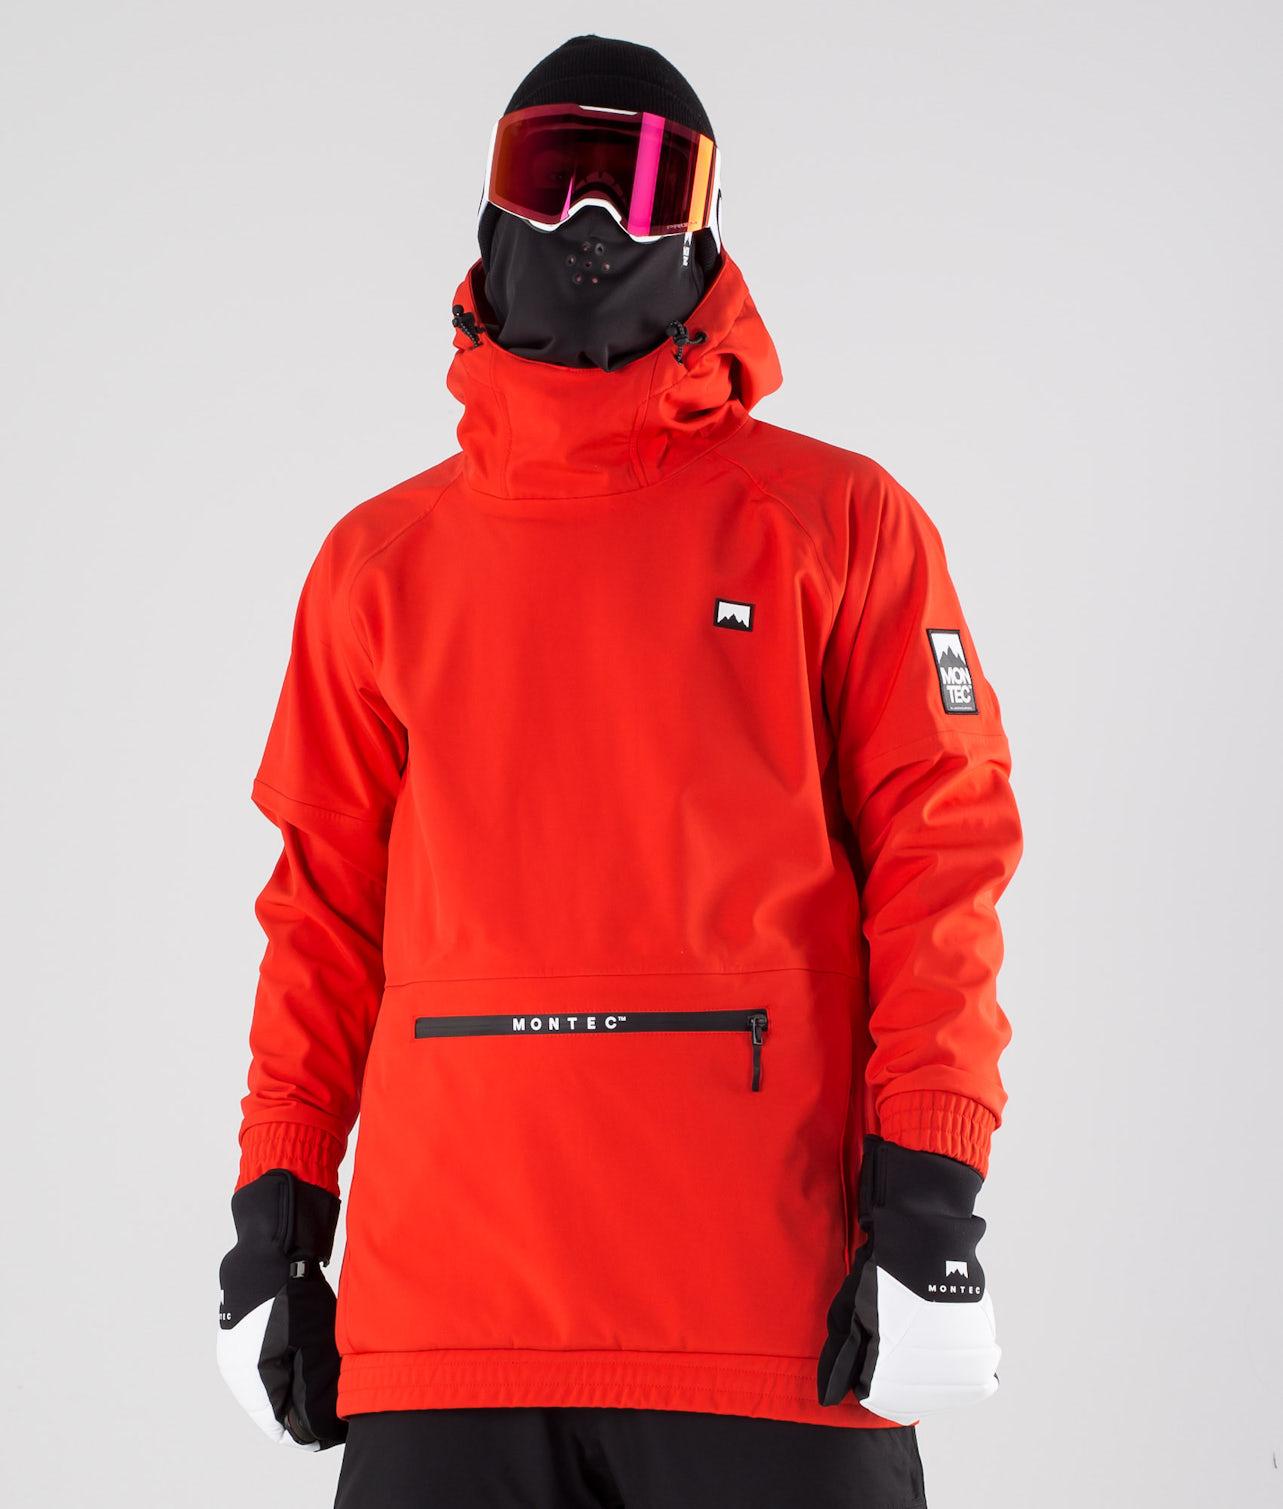 Kaufe Tempest Snowboardjacke von Montec bei Ridestore.de - Kostenloser, schneller Versand & Rückversand.